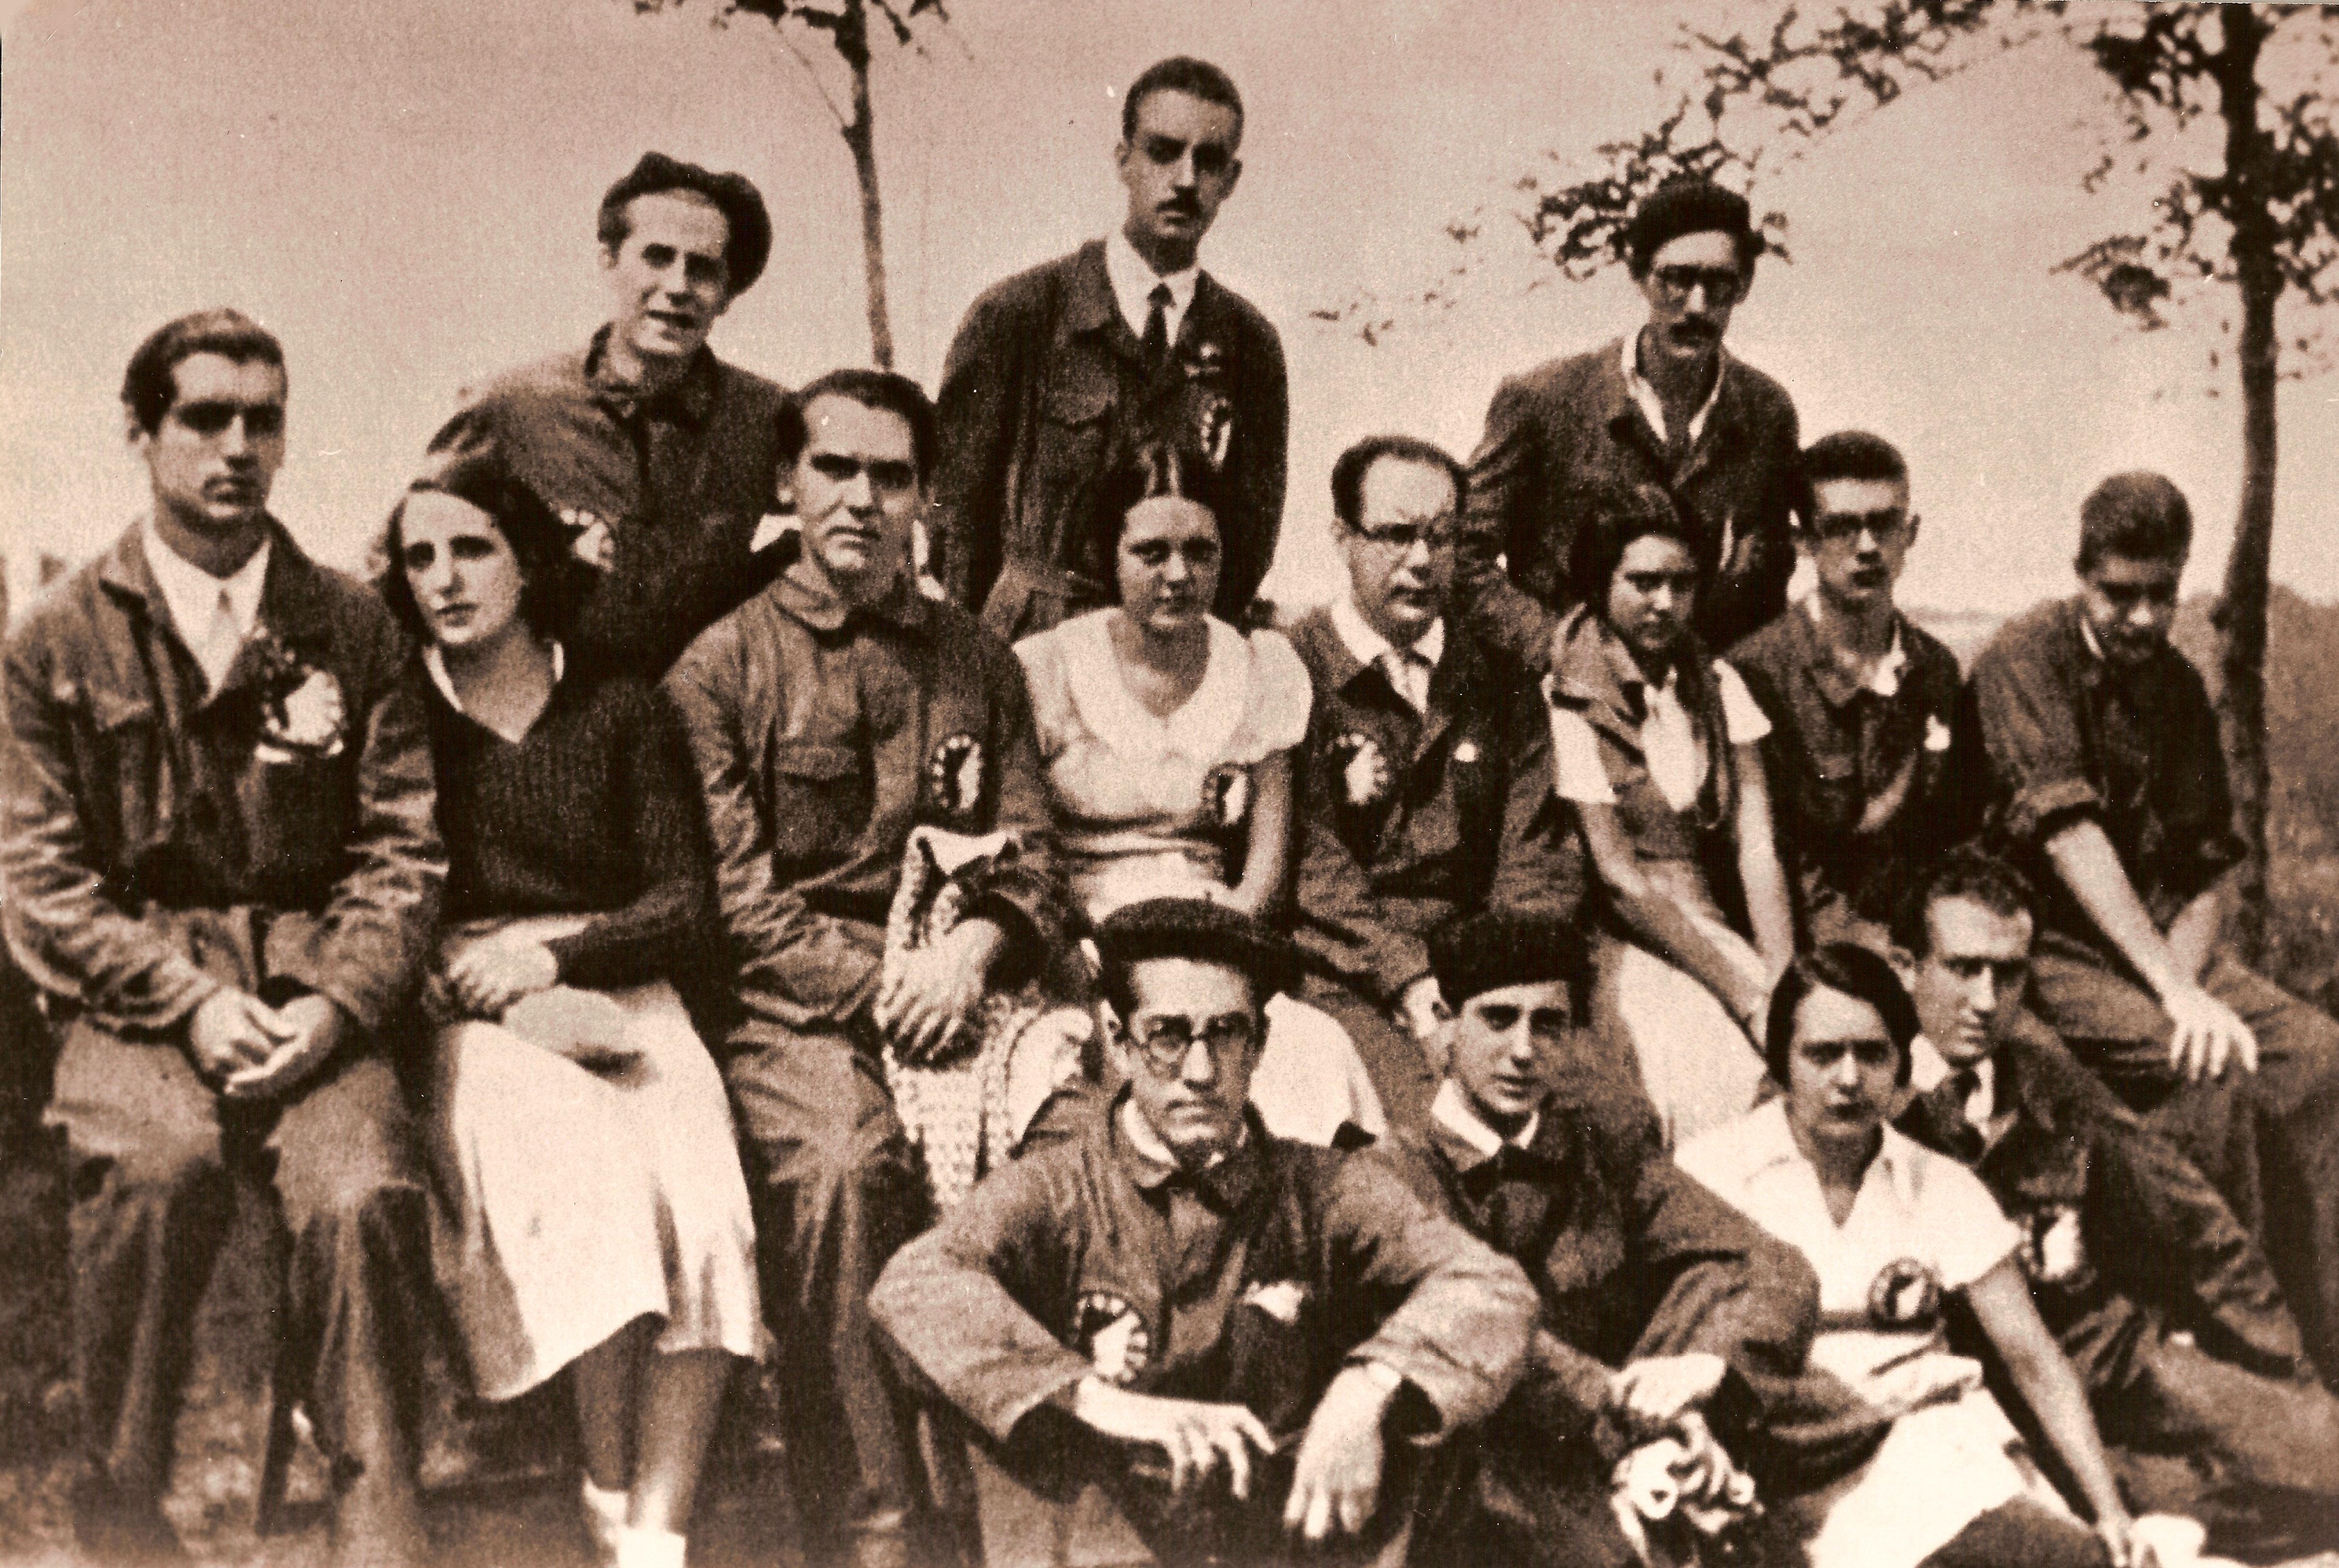 Jacinto-Higueras-en-La-Barraca-1932-2